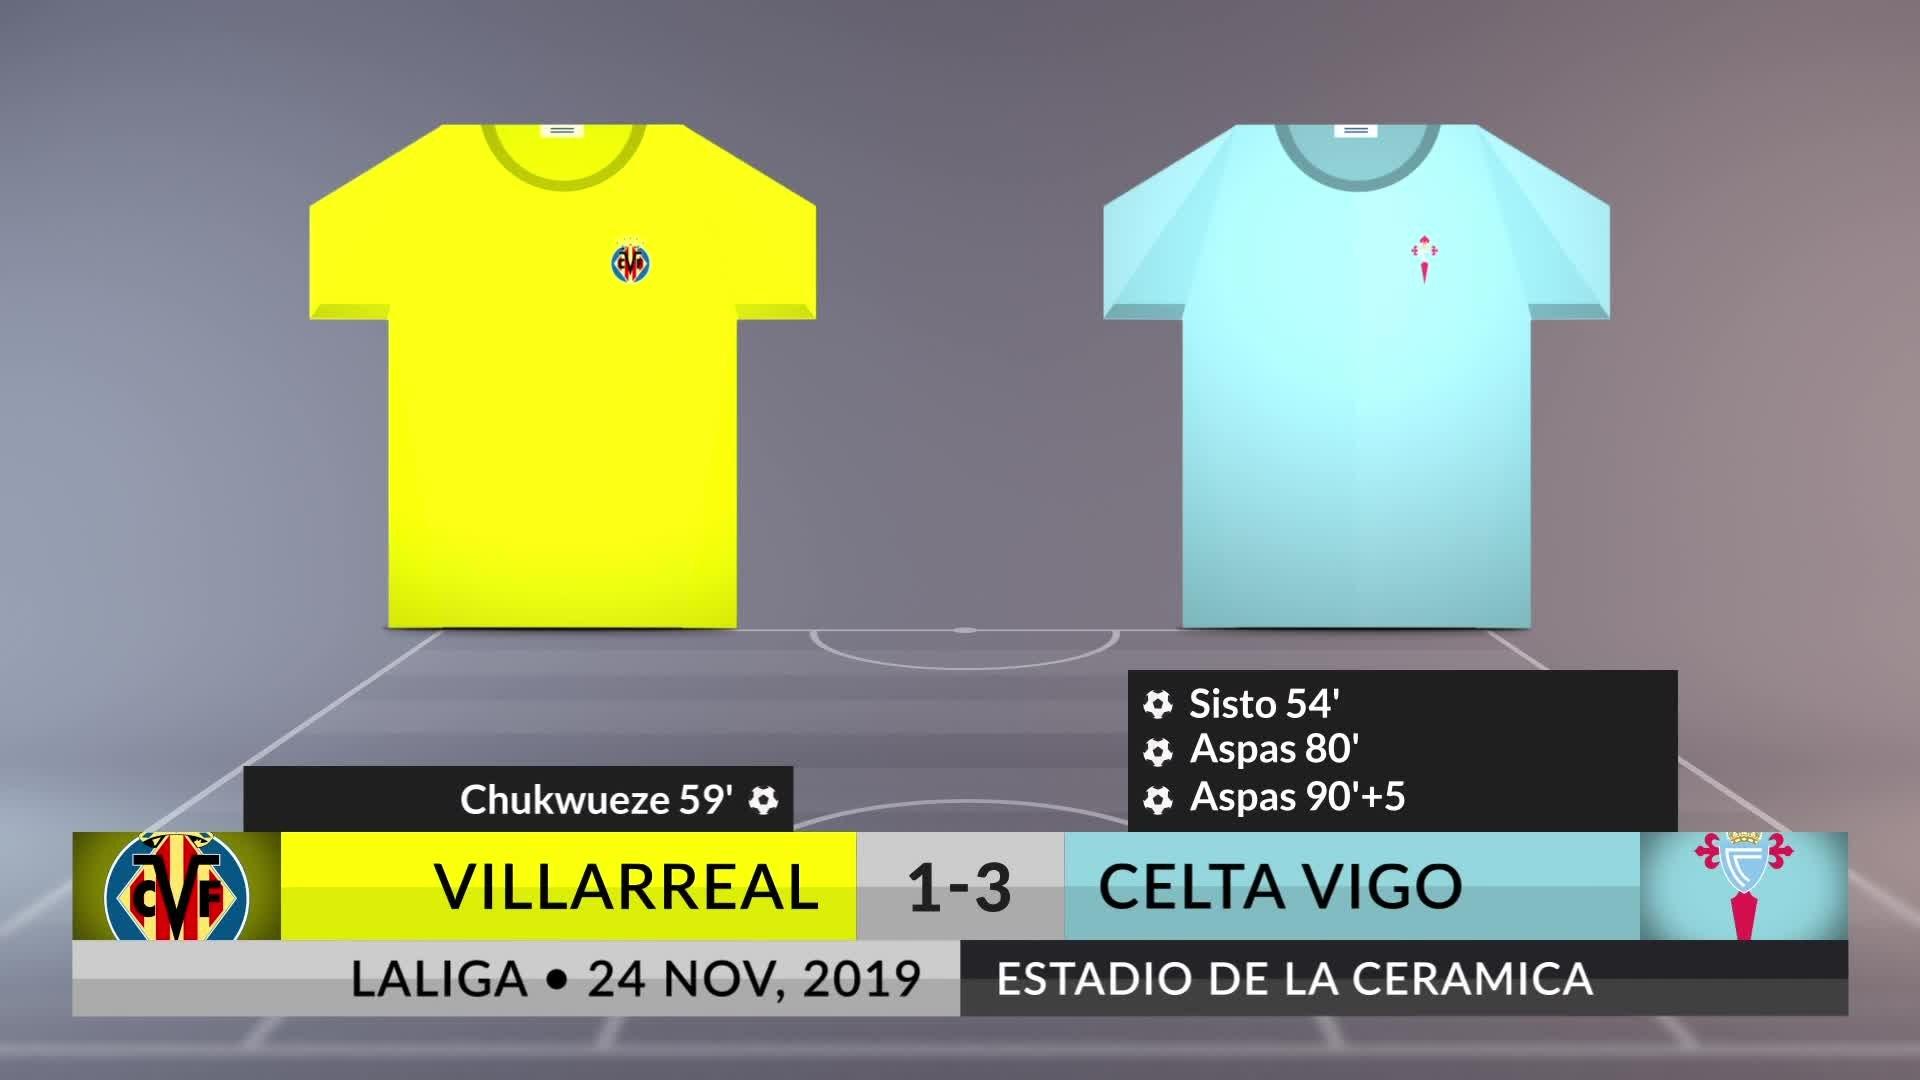 Match Review: Villarreal vs Celta Vigo on 24/11/2019